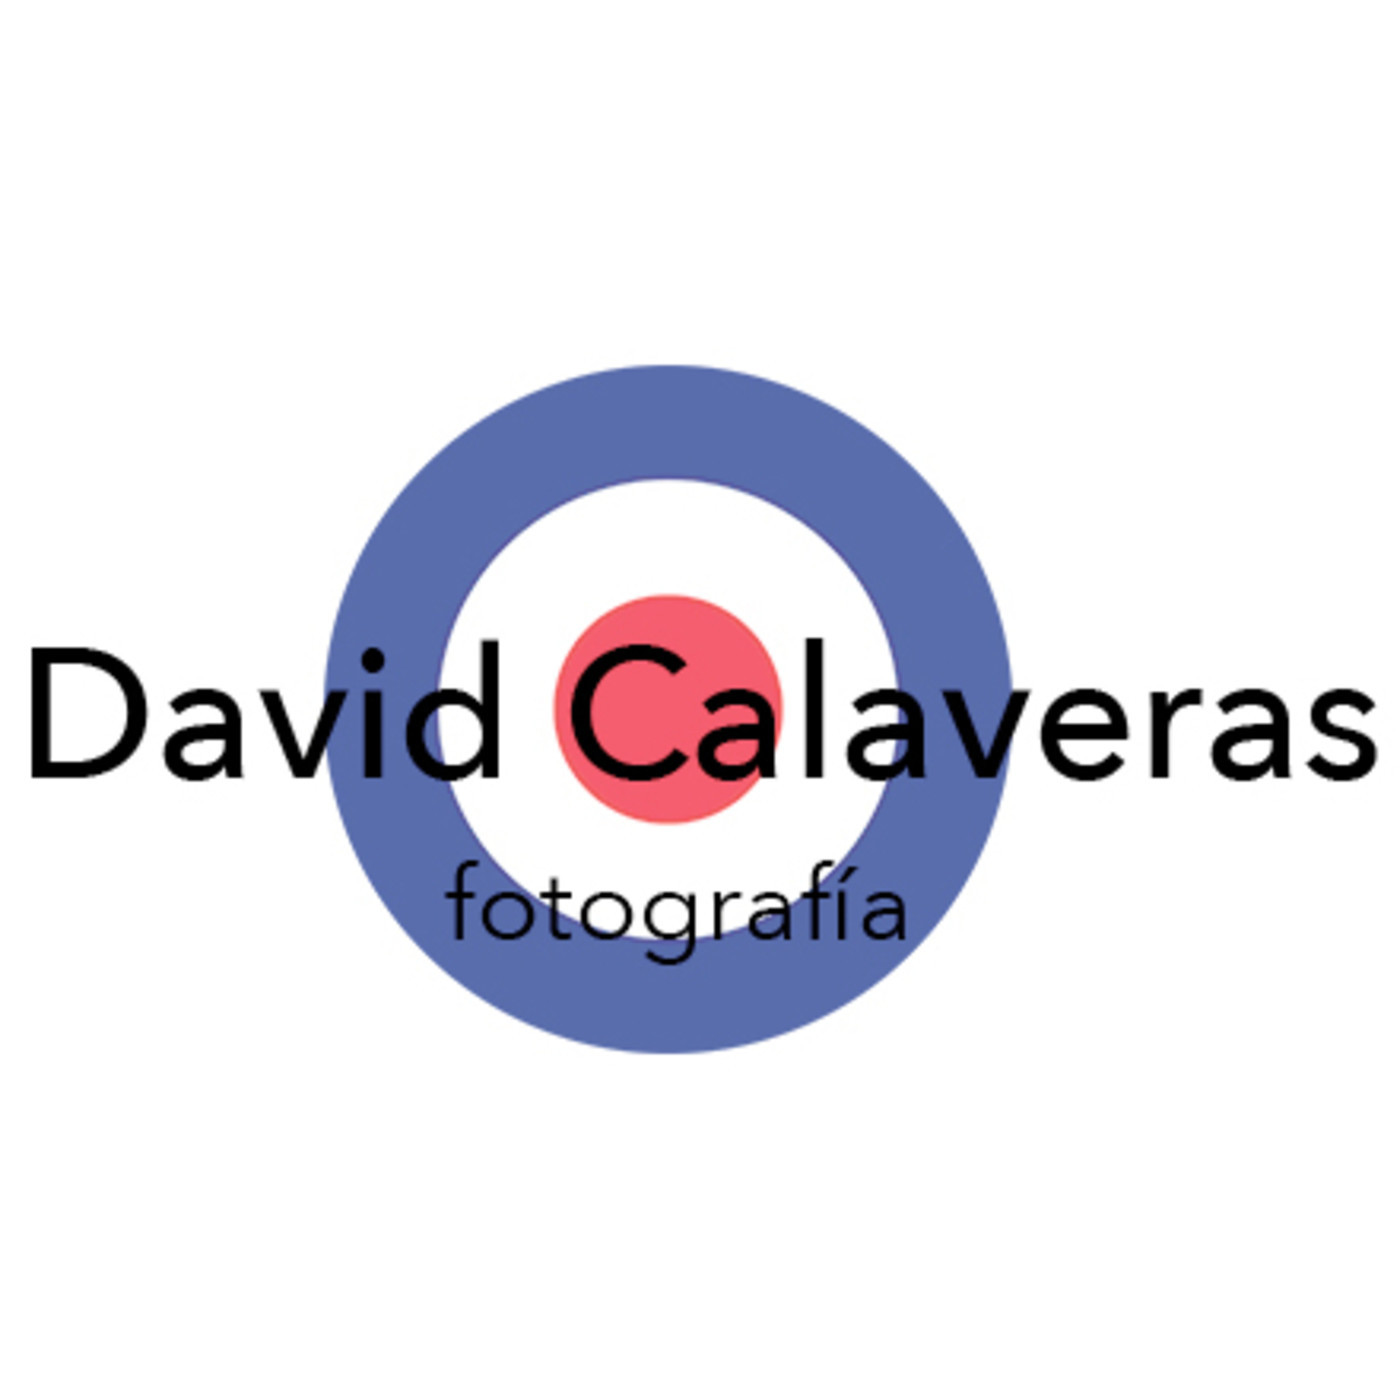 David Calaveras